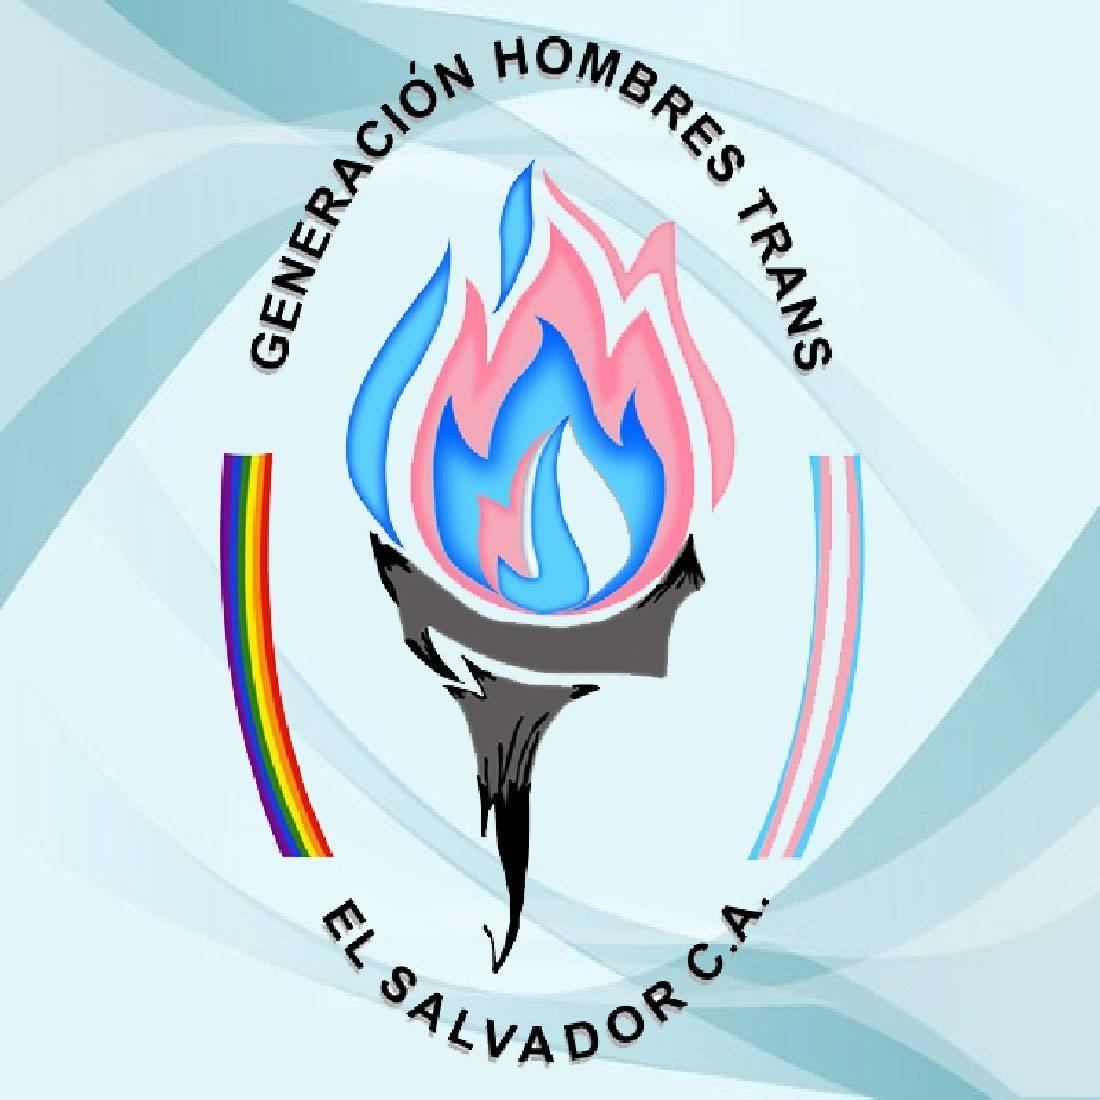 Generación de Hombres Trans de El Salvador - HT503